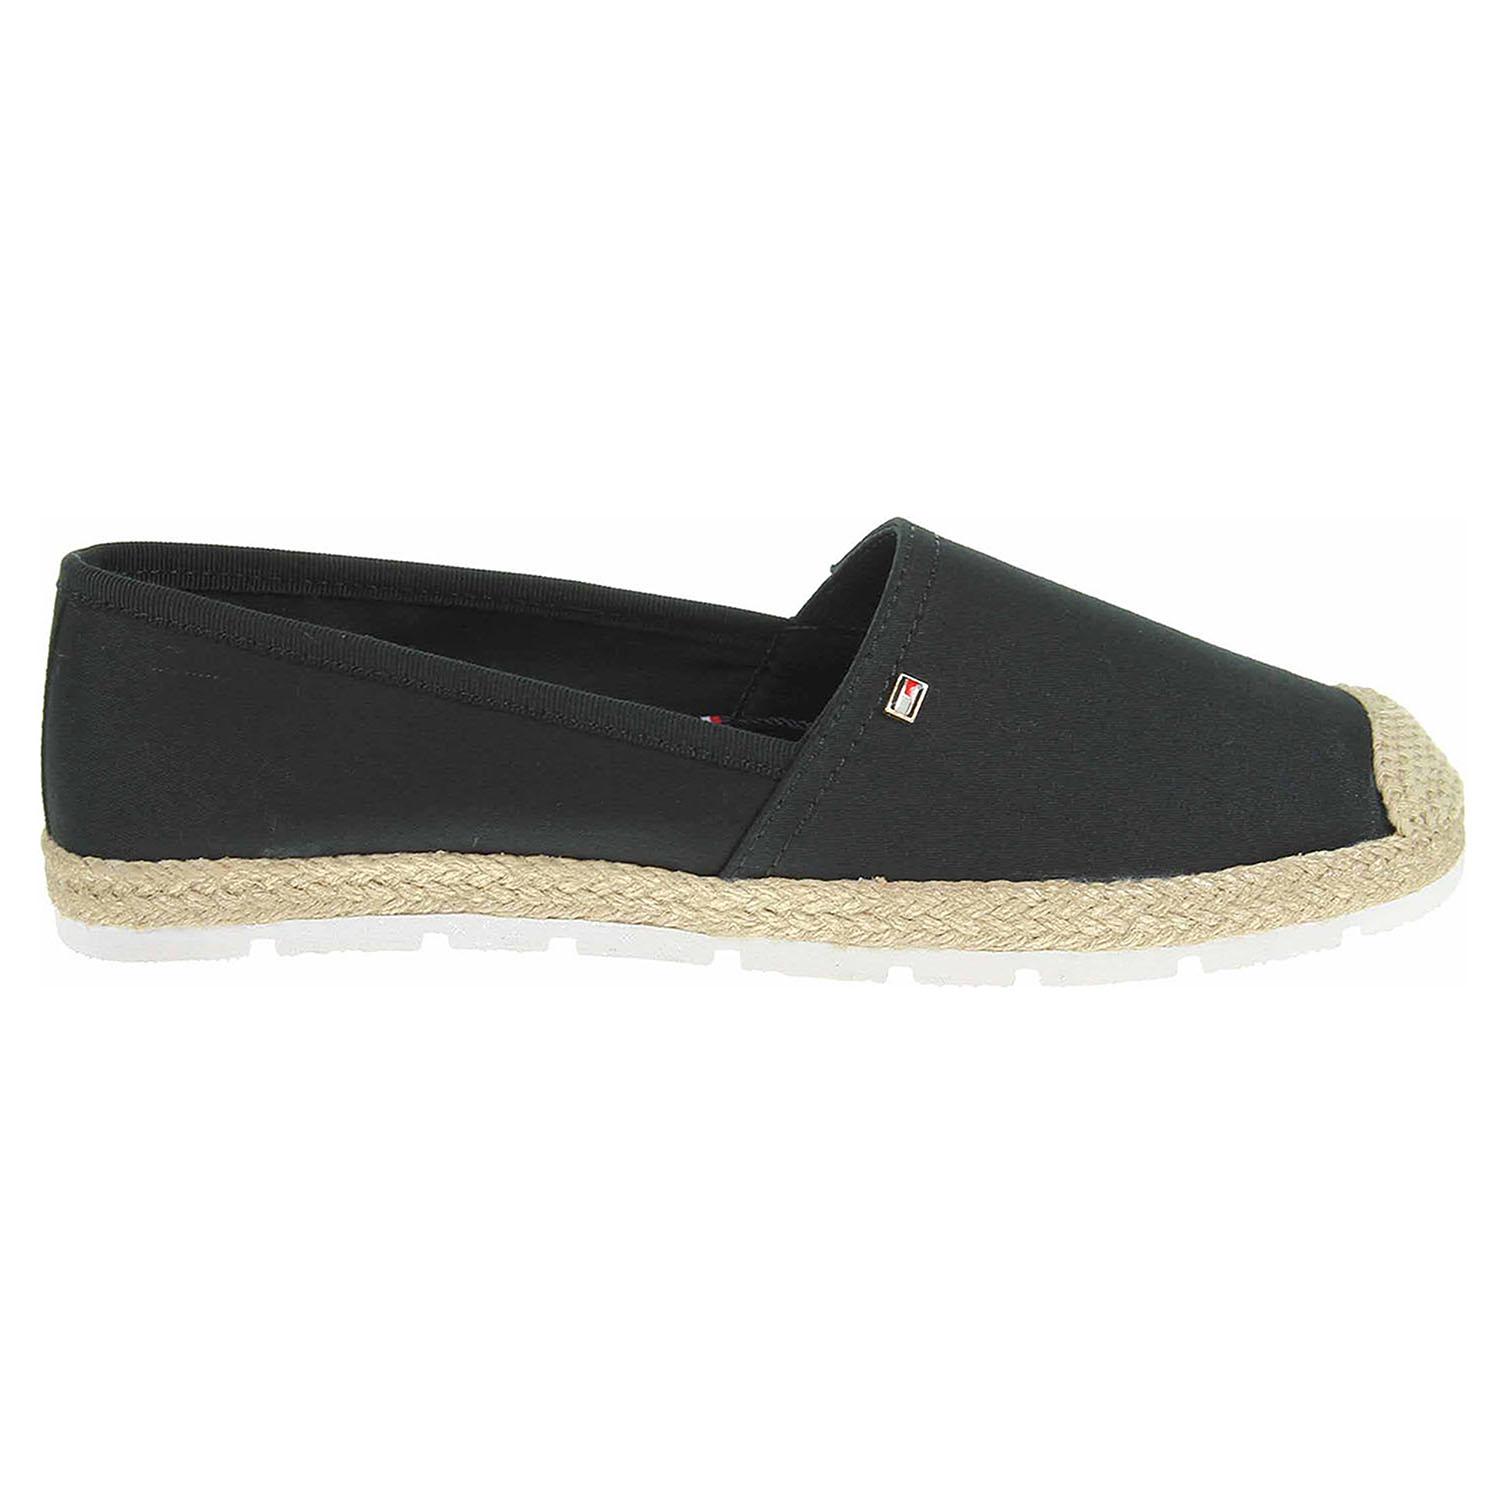 1b25f882e197 Tommy Hilfiger dámská obuv FW0FW02409 990 black FW0FW02409 990 38